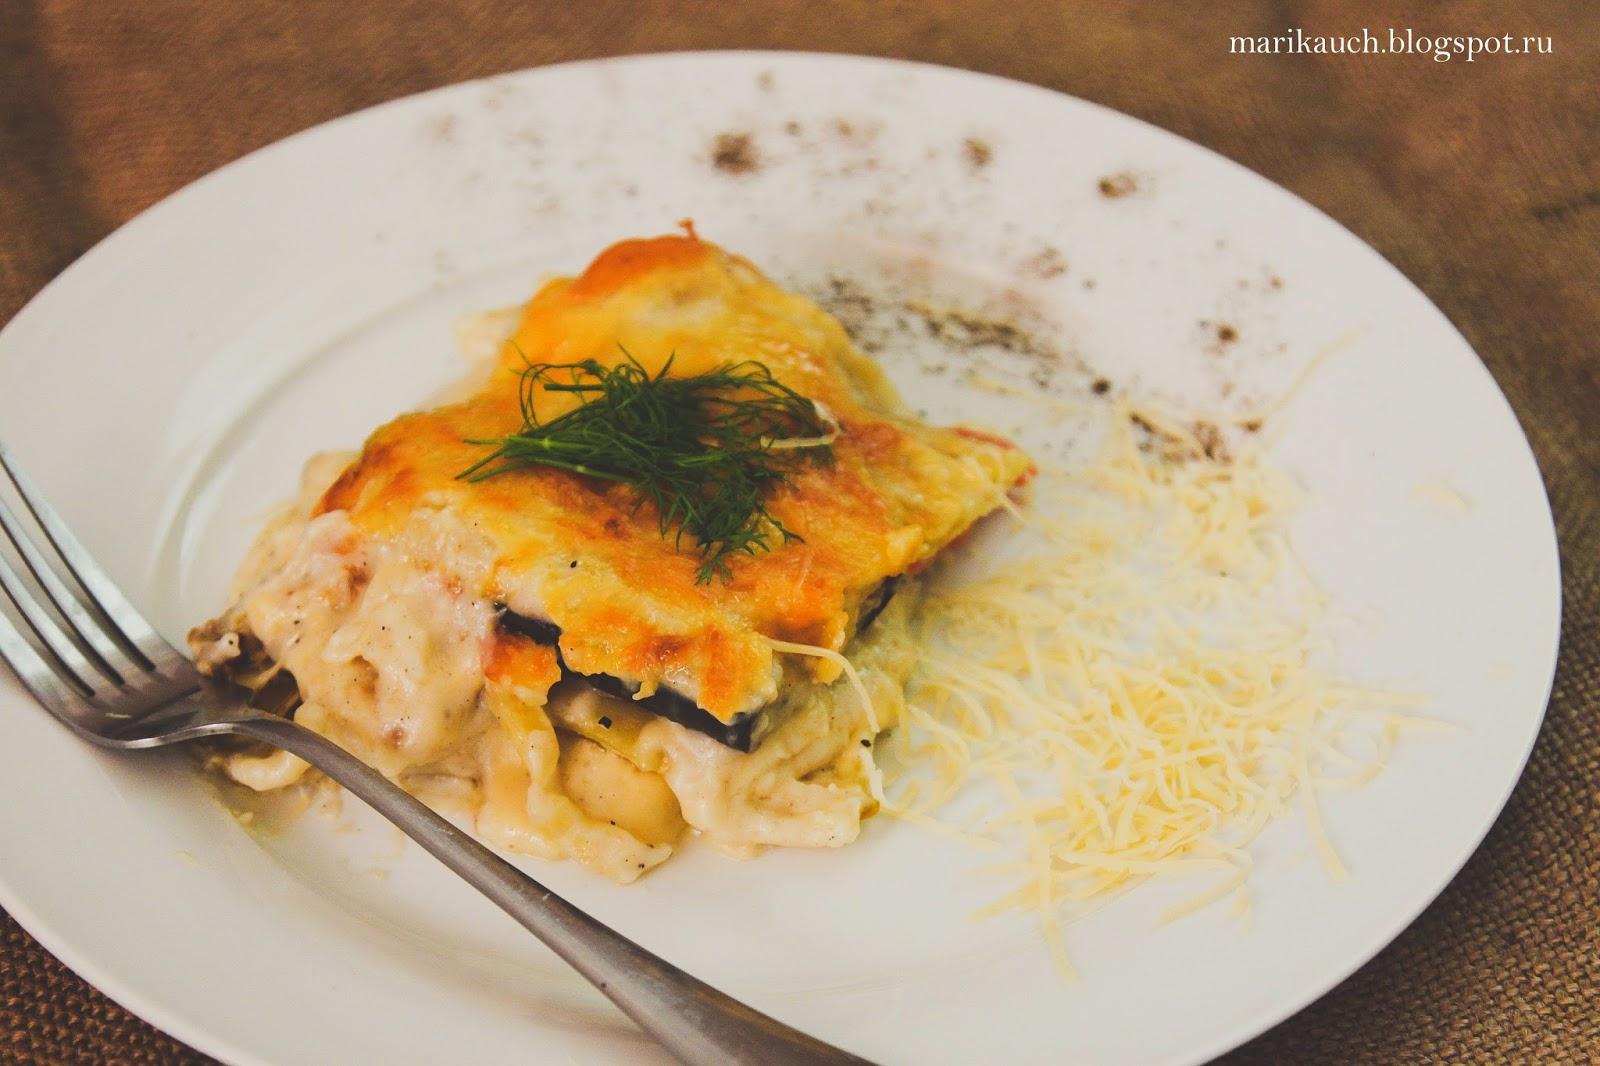 Пошаговый рецепт лазаньи с фаршем в домашних условиях с фото 89